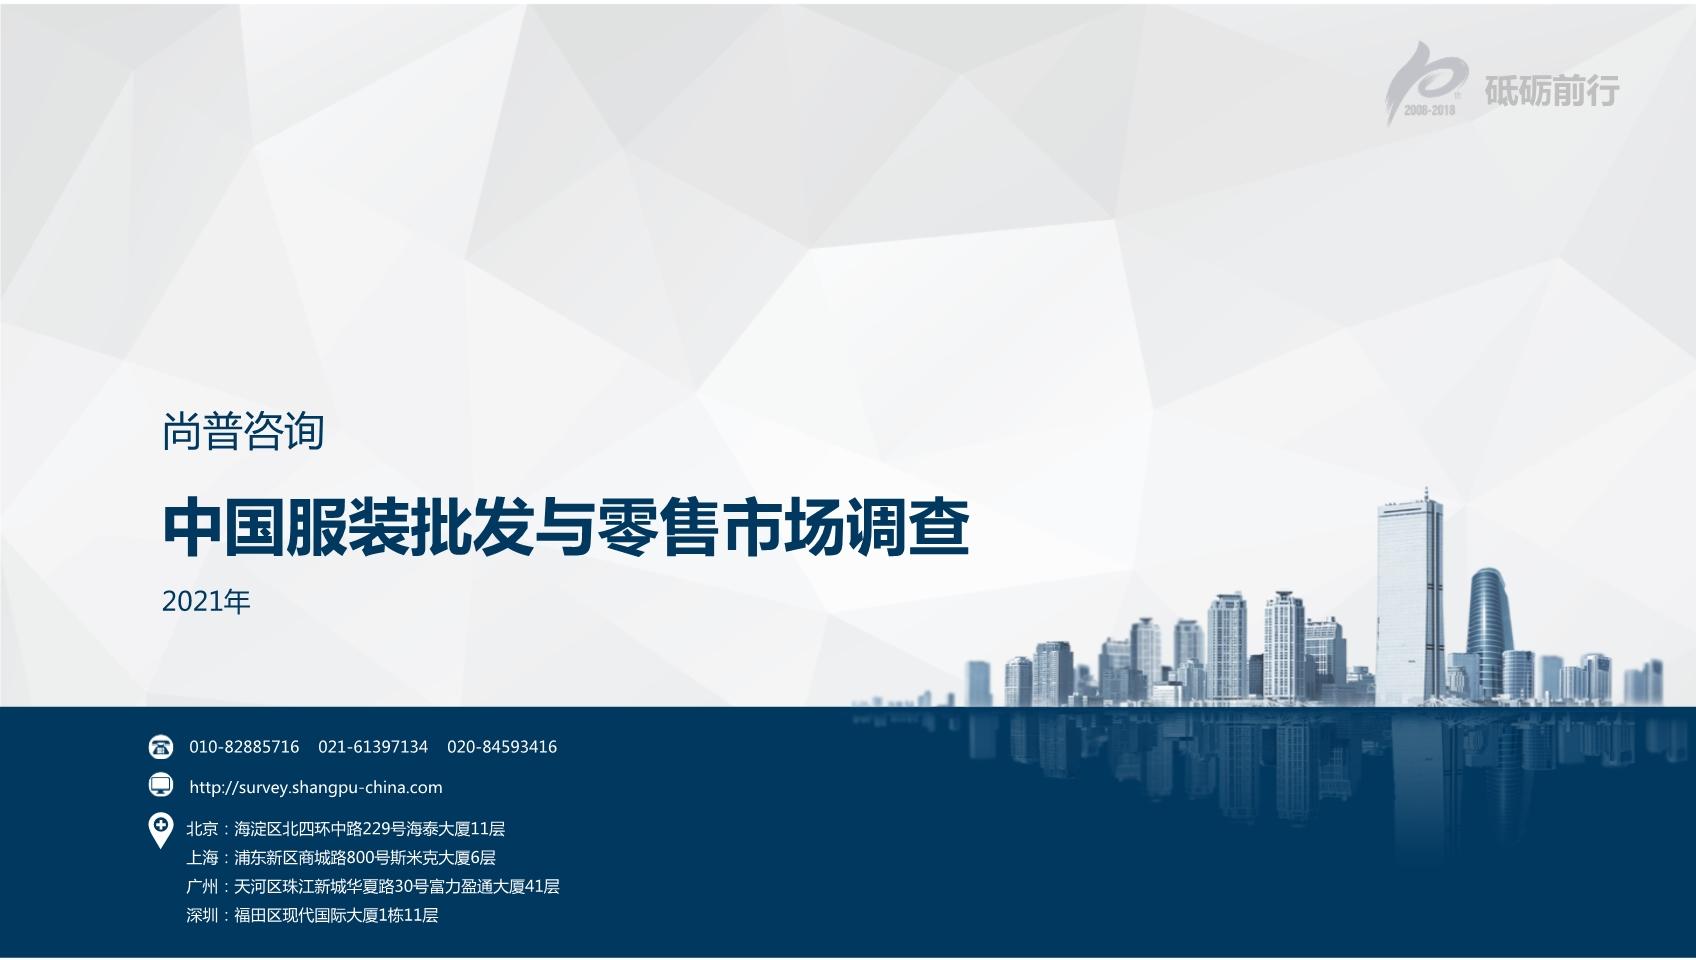 尚普咨询:2021年中国服装批发与零售市场调查